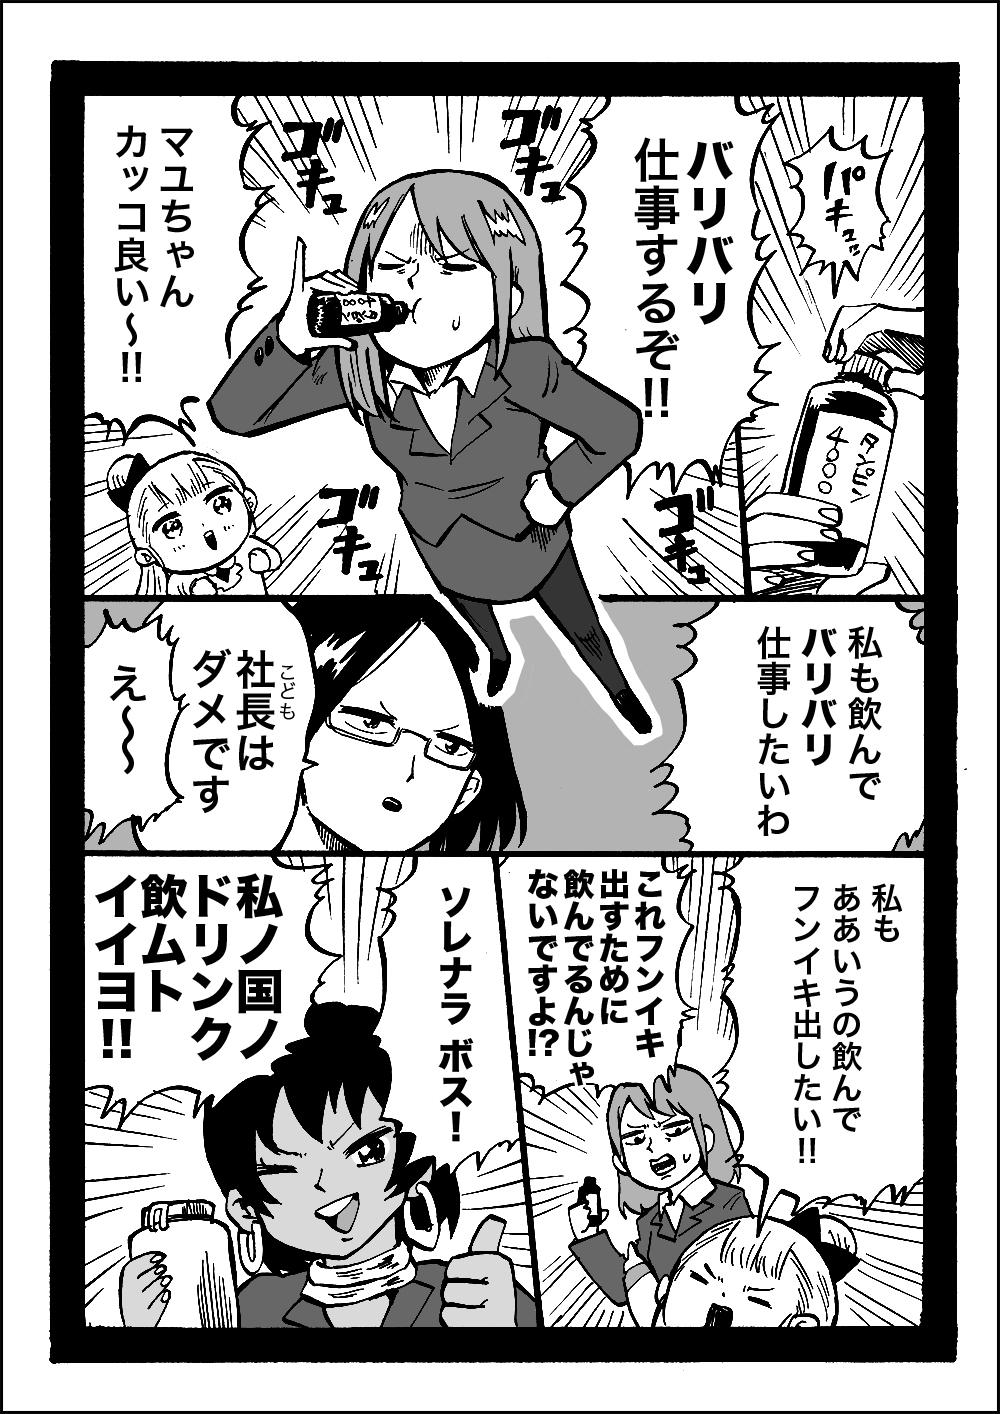 幼女社長(えいようどりんく)